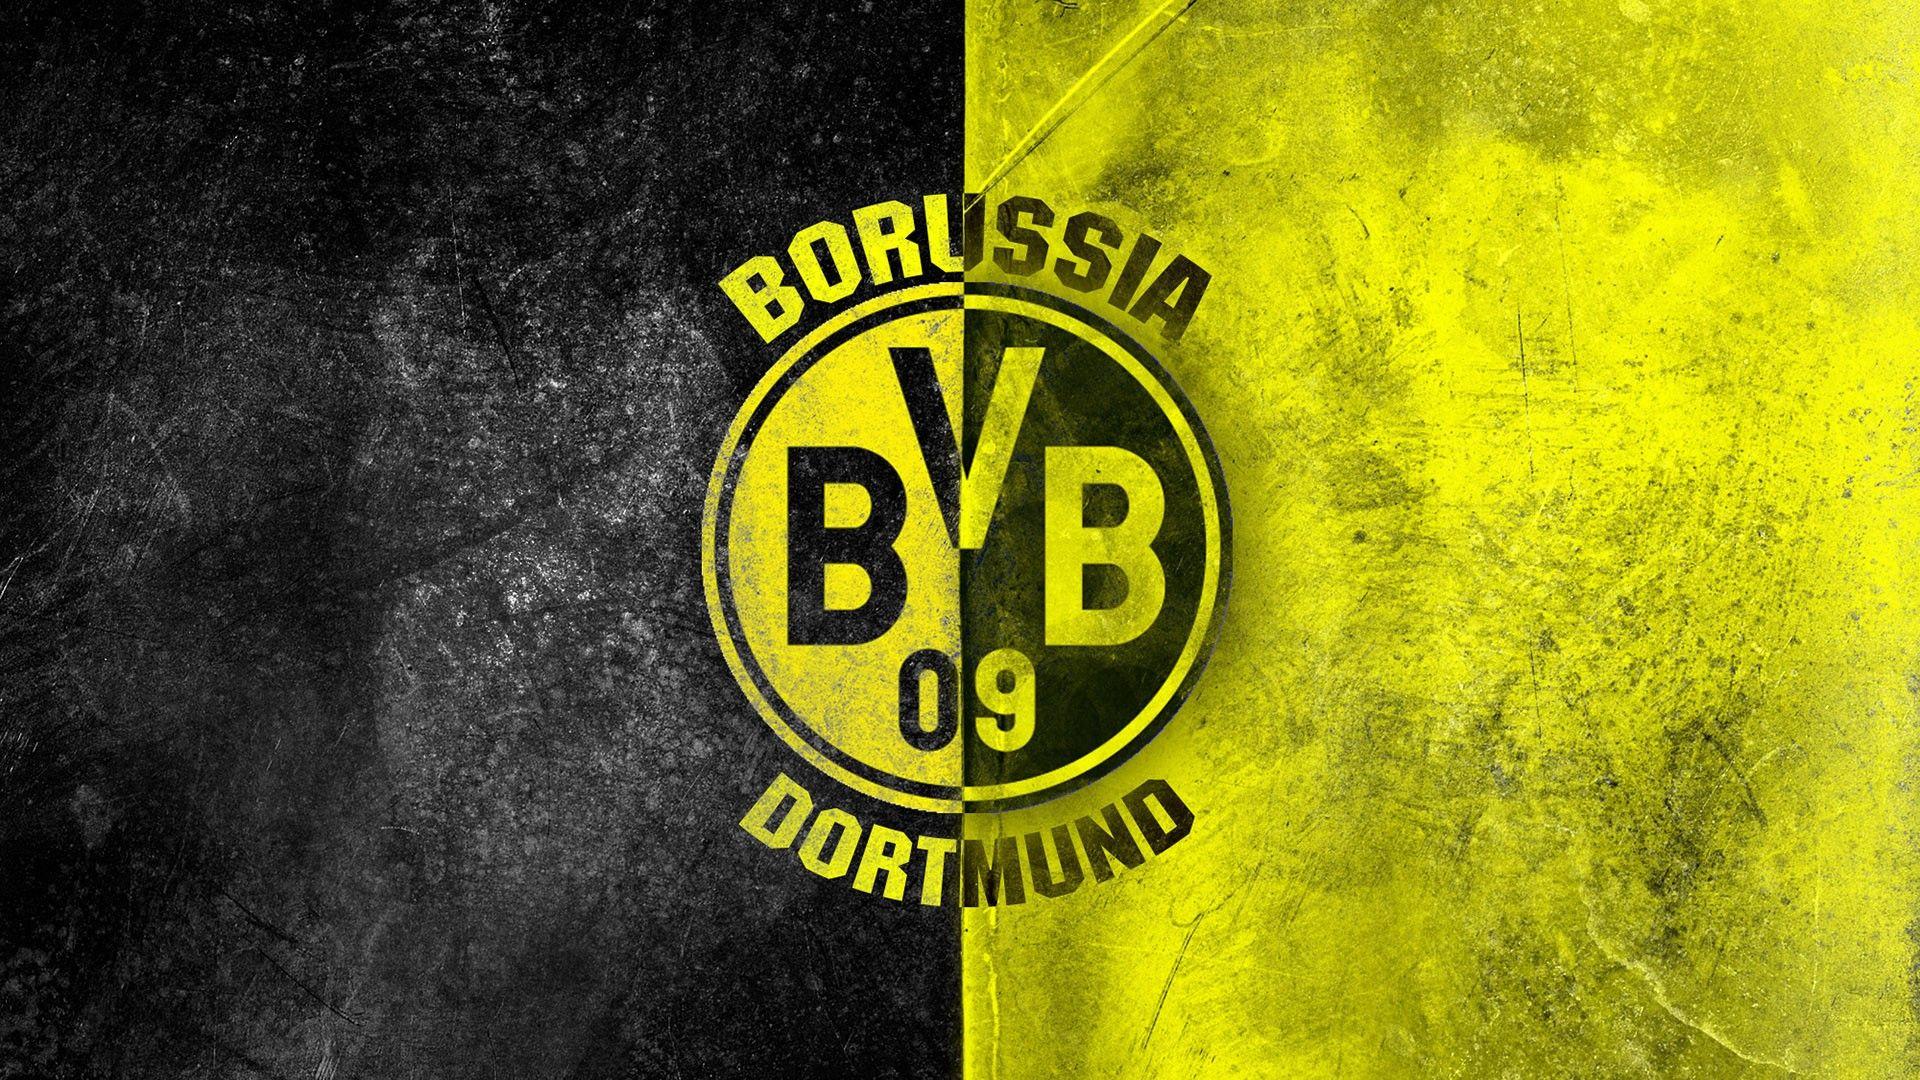 1920x1080 Borussia Dortmund Football Logo Borussia Dortmund Wallpaper Dortmund